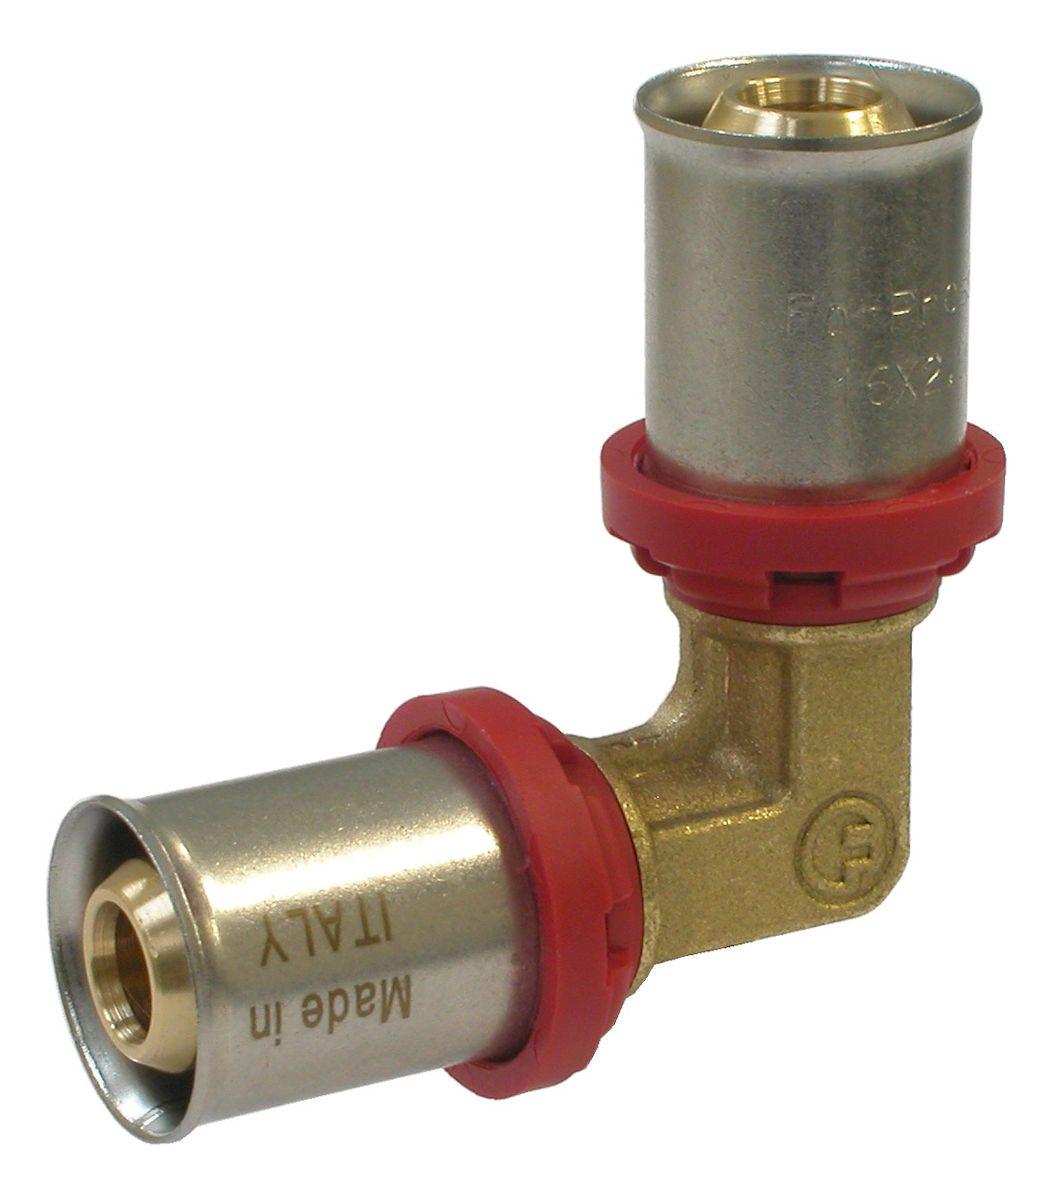 Уголок Fornara под пресс, п - п, 20 x 2030650Уголок Fornara предназначен для соединения металлопластиковых труб с помощью разводного ключа. Соединение получается разъемным, что позволяет при необходимости заменять уплотнительные кольца, а также производить обслуживание участка трубопровода.